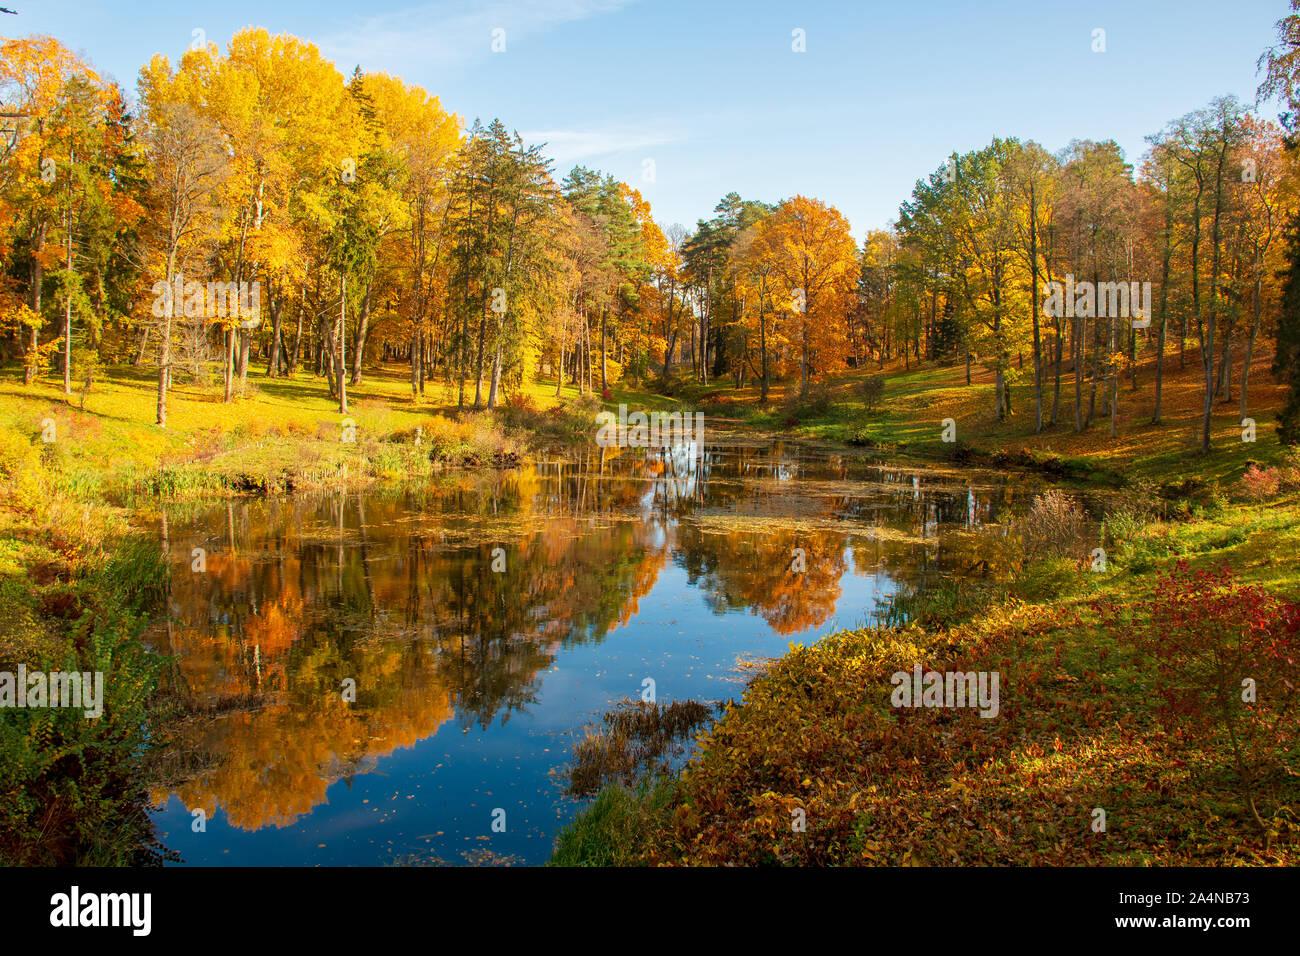 Maravilloso Paisaje otoñal con bellos árboles de color amarillo y naranja, lago o río, vertical Foto de stock